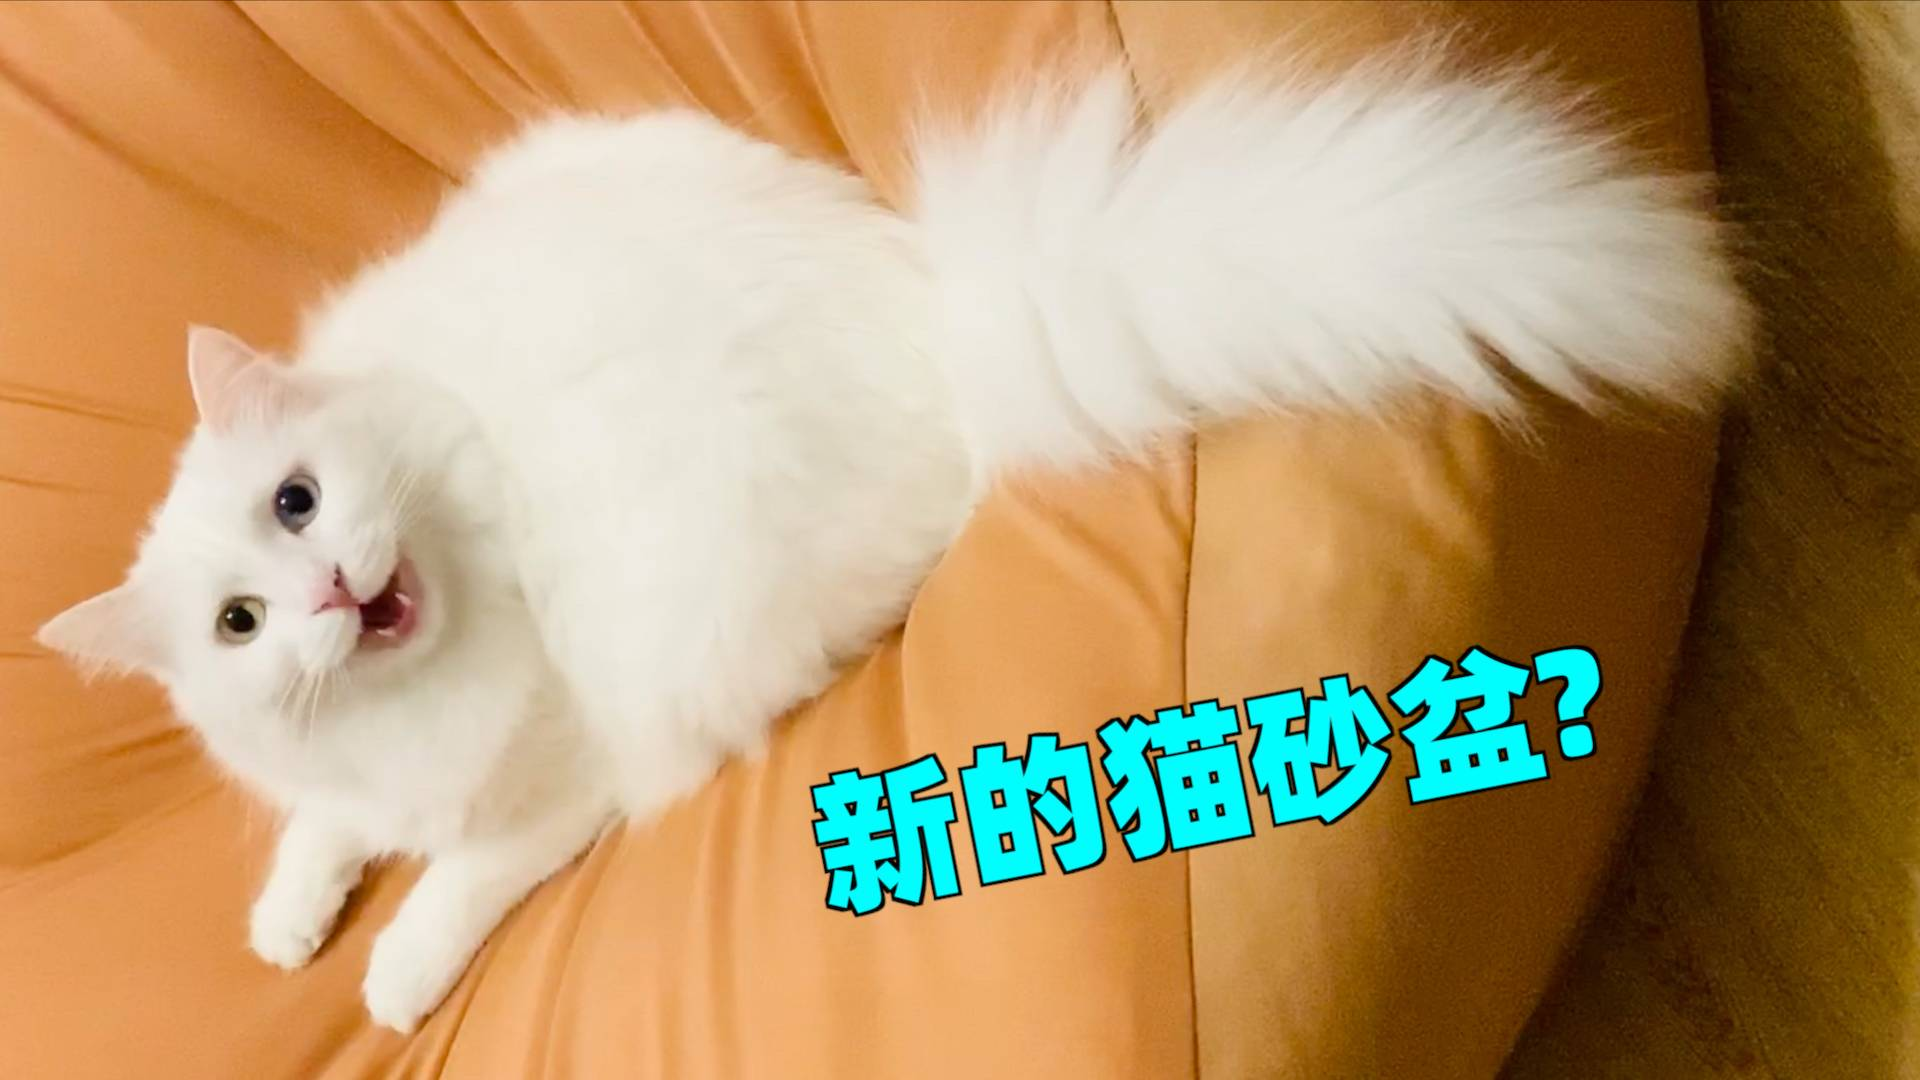 血的教训!养猫家庭千万别买懒人沙发!在猫眼里就是个巨型猫砂盆!